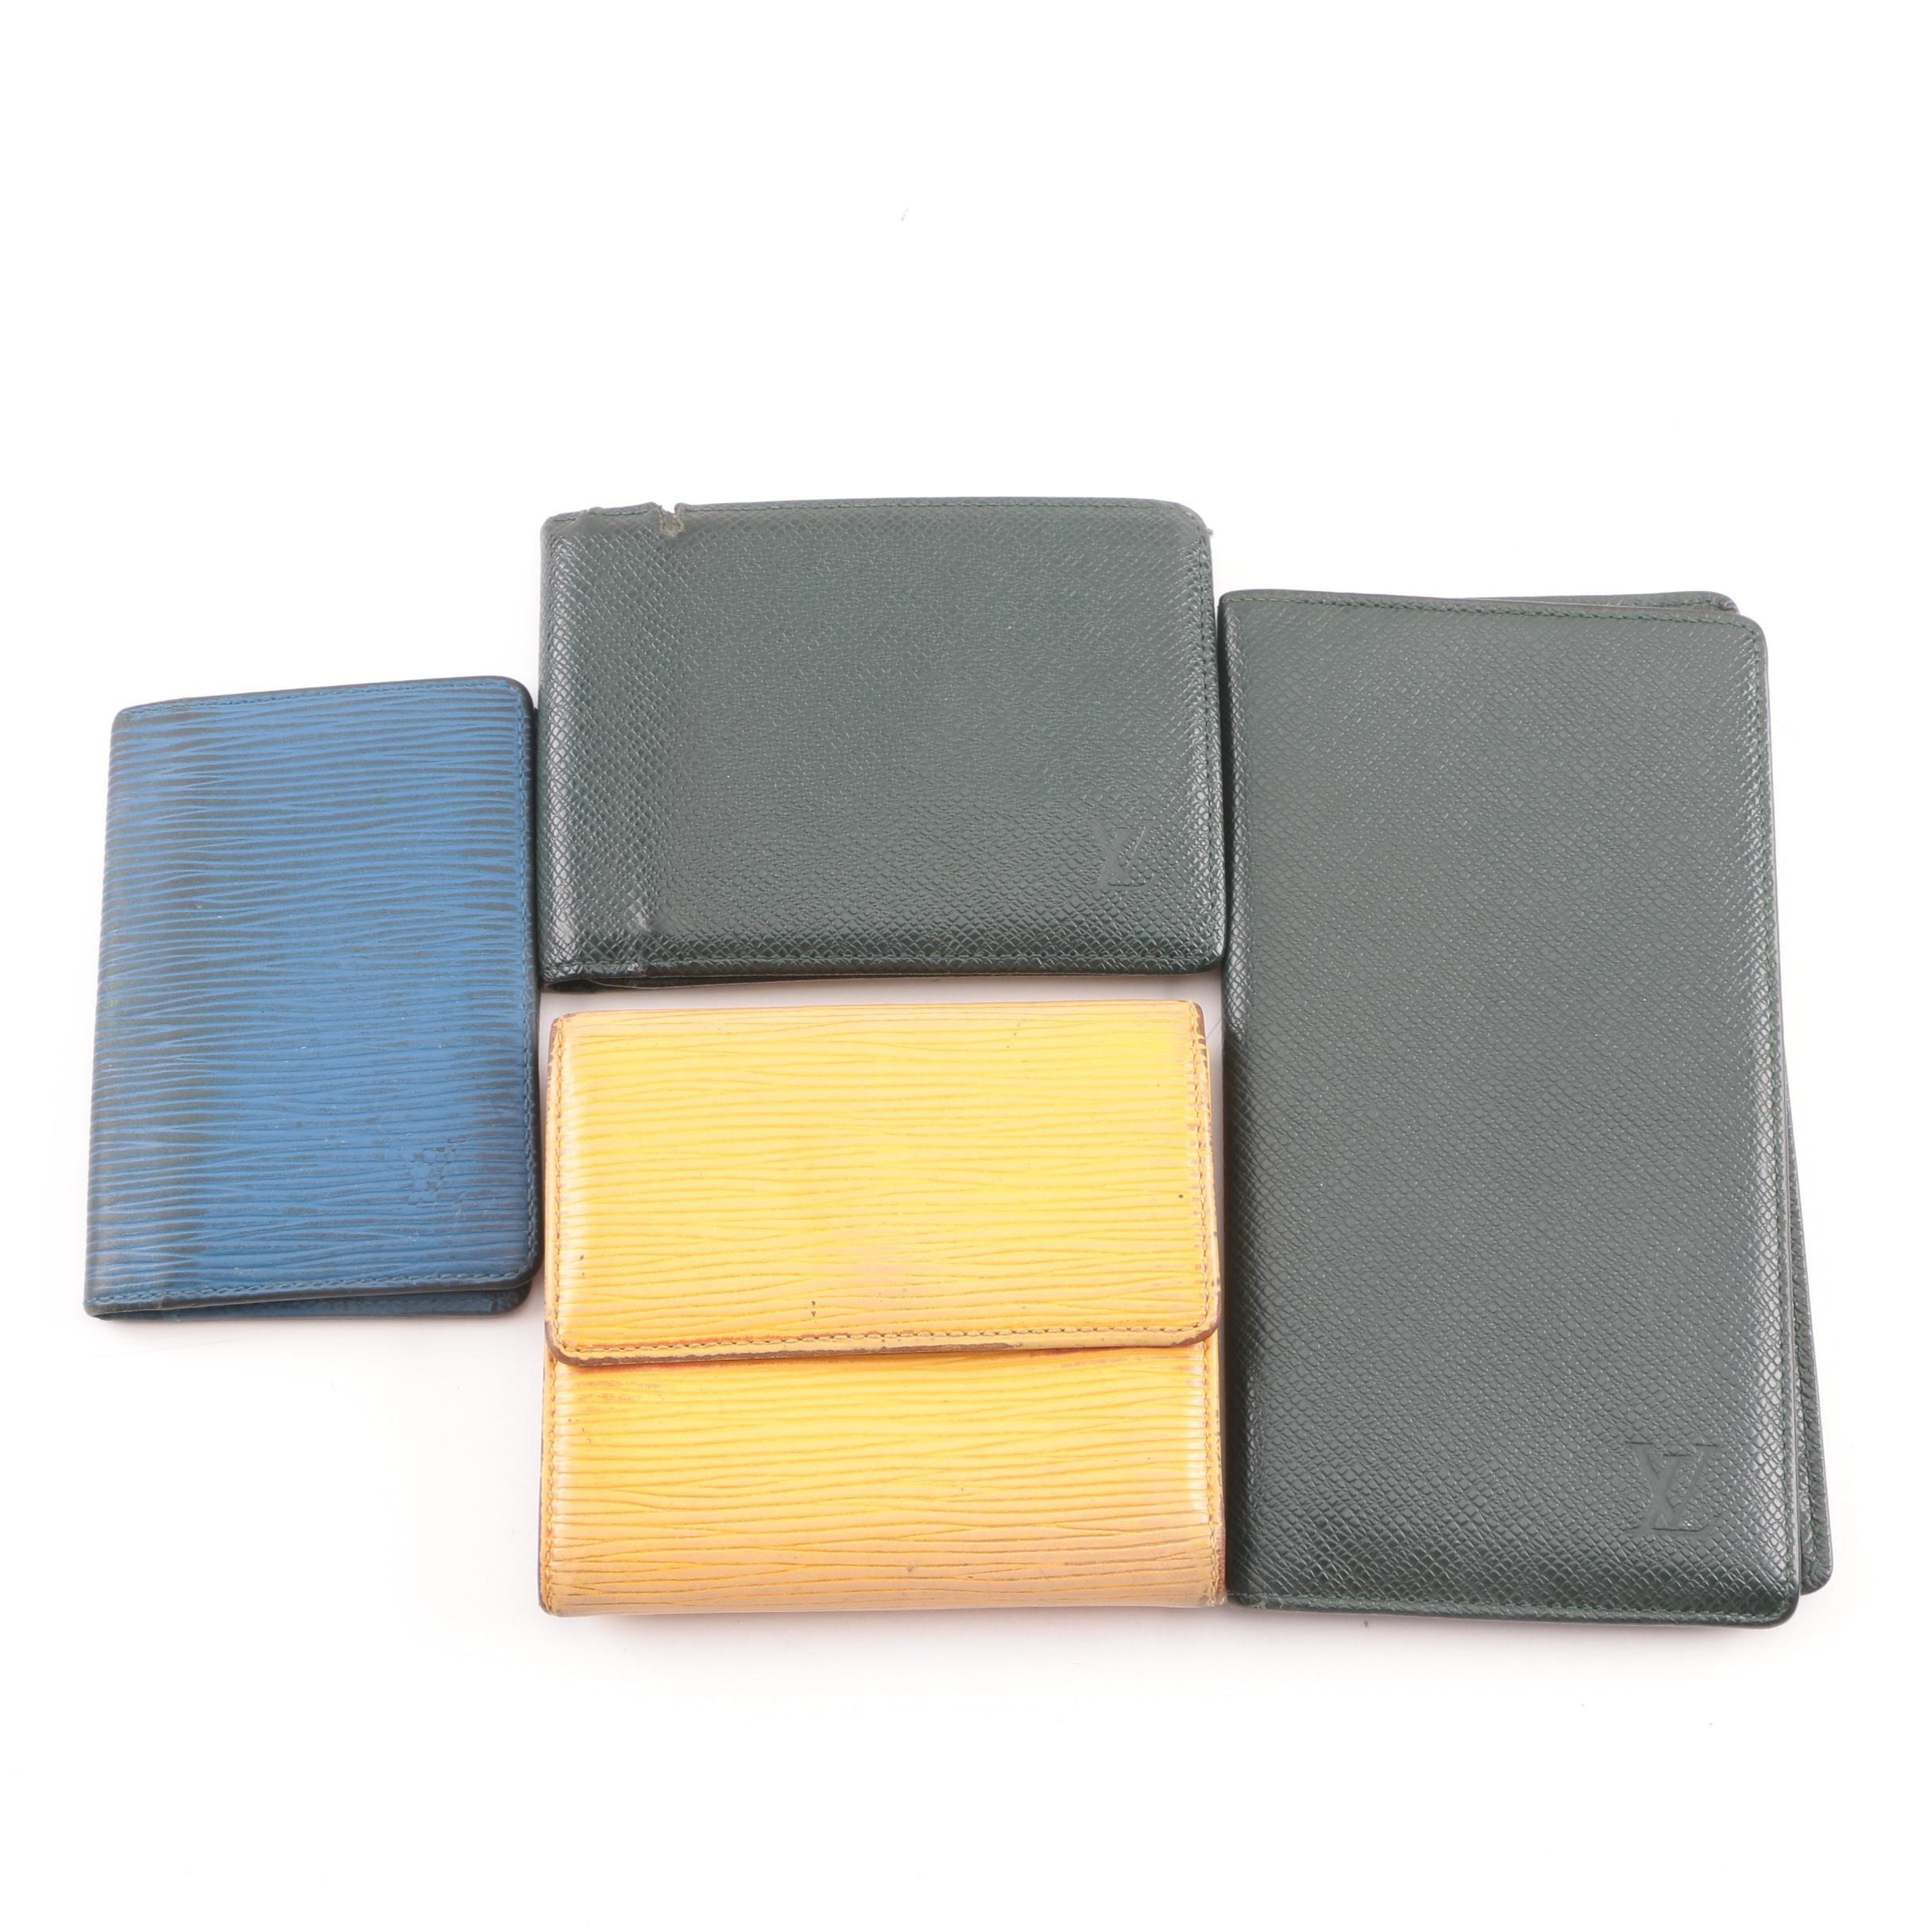 Vintgae Louis Vuitton Paris Leather Wallets and Card Case